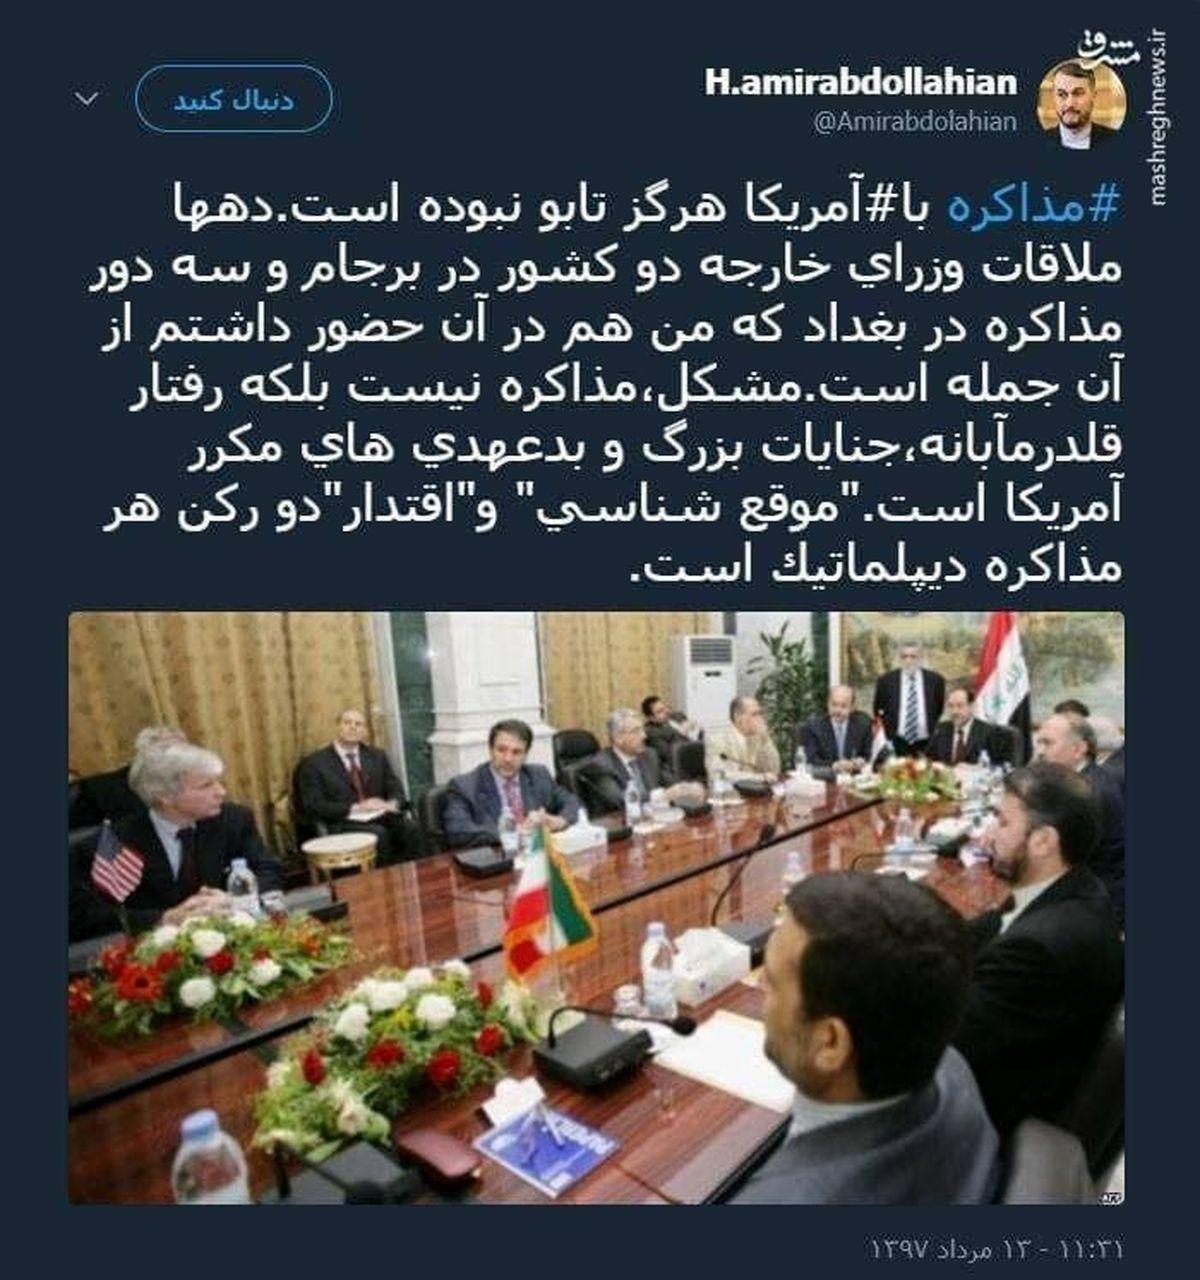 نظر وزیر خارجه احتمالی رئیسی درباره مذاکره با آمریکا